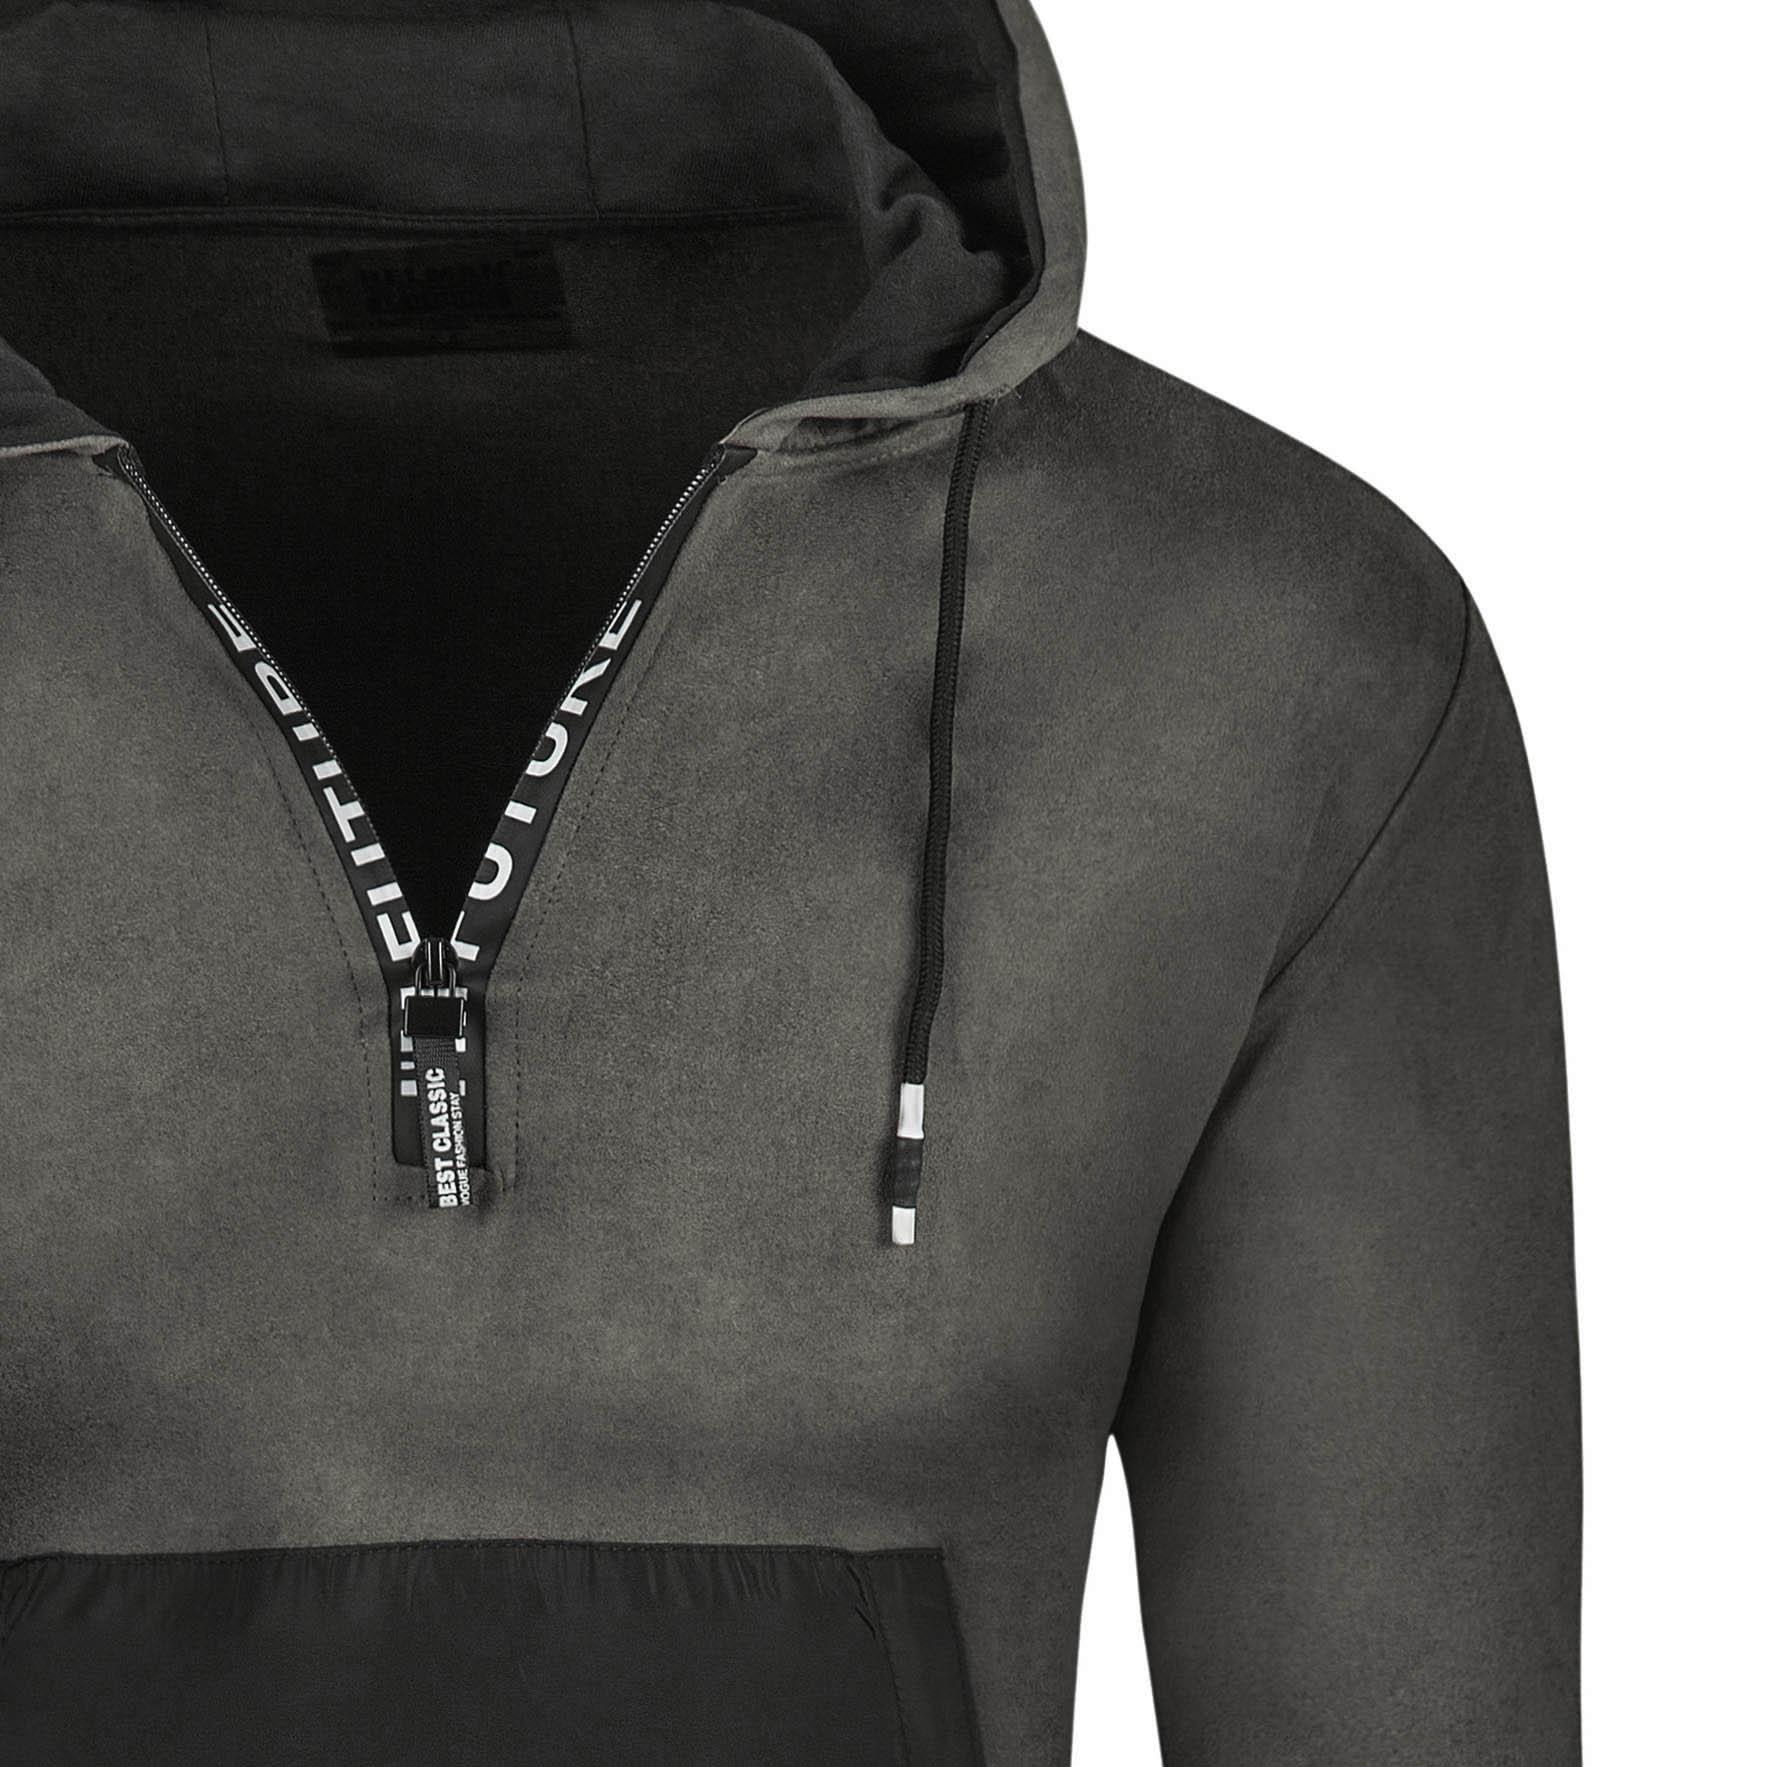 Bluza męska długa czarna z kapturem Recea